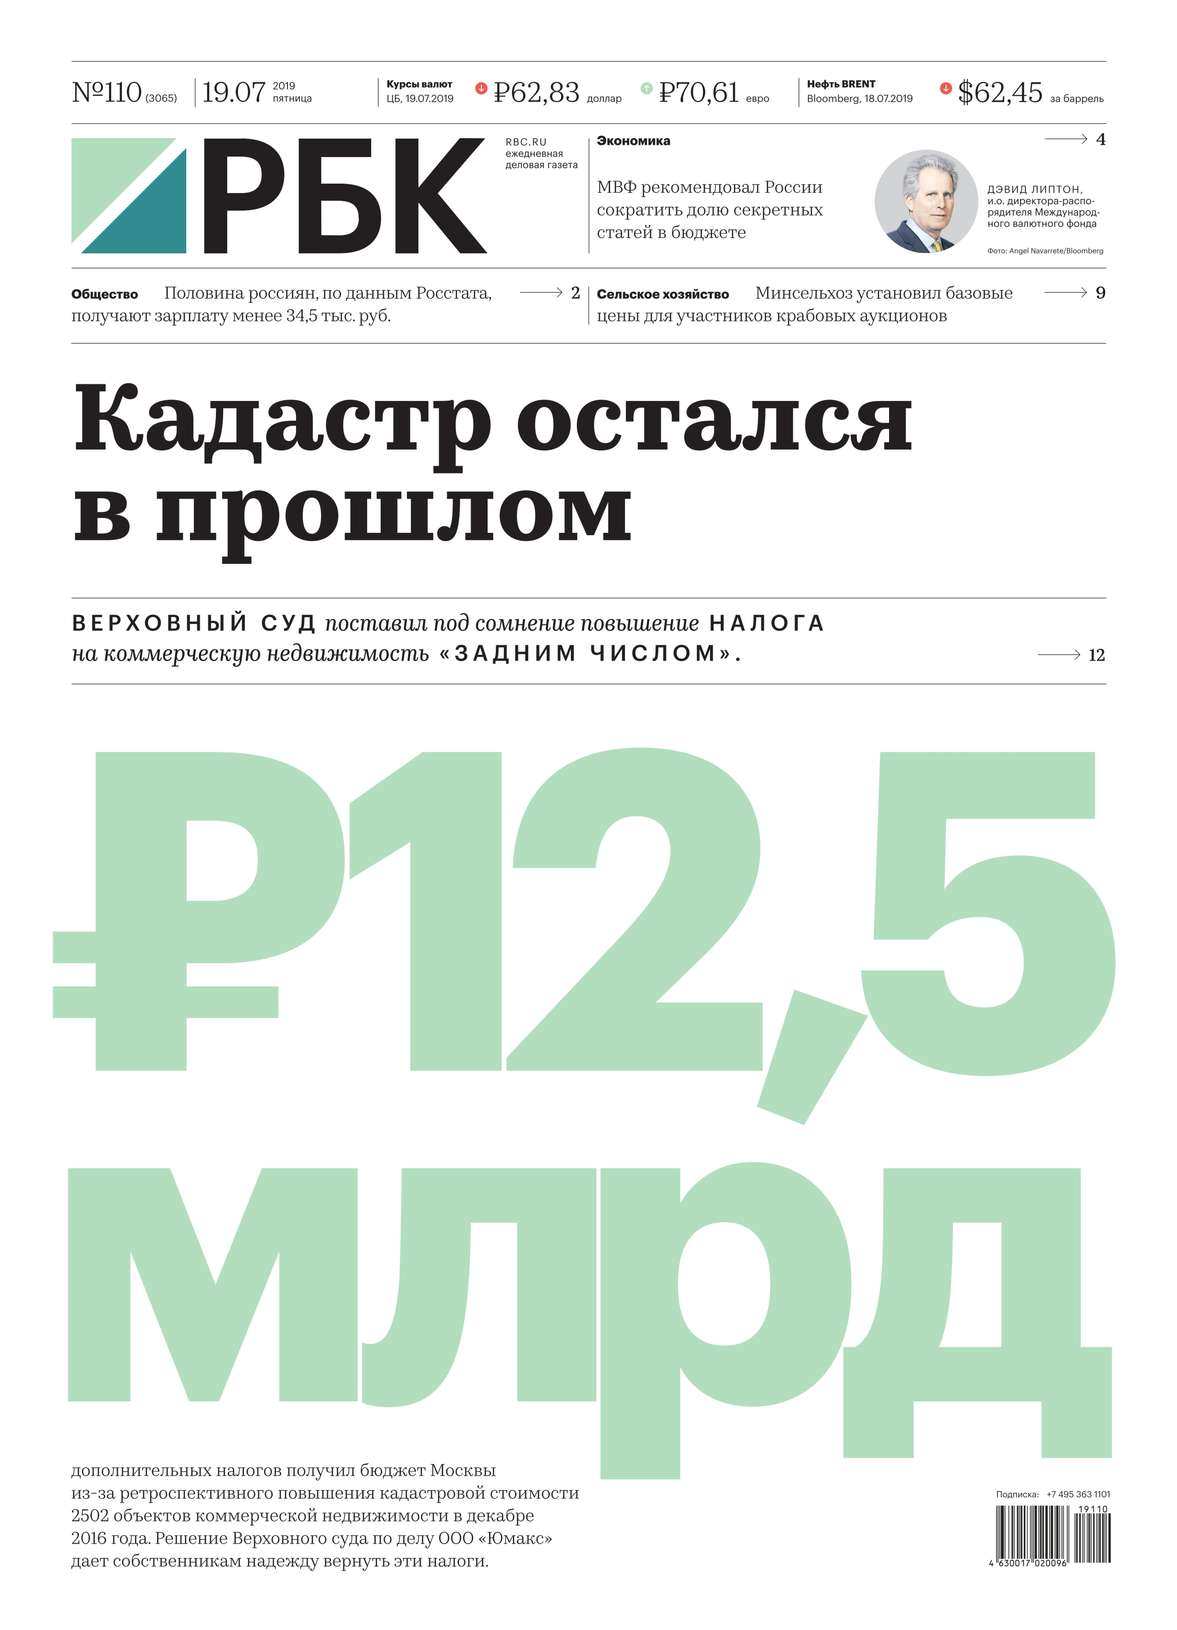 Ежедневная Деловая Газета Рбк 110-2019